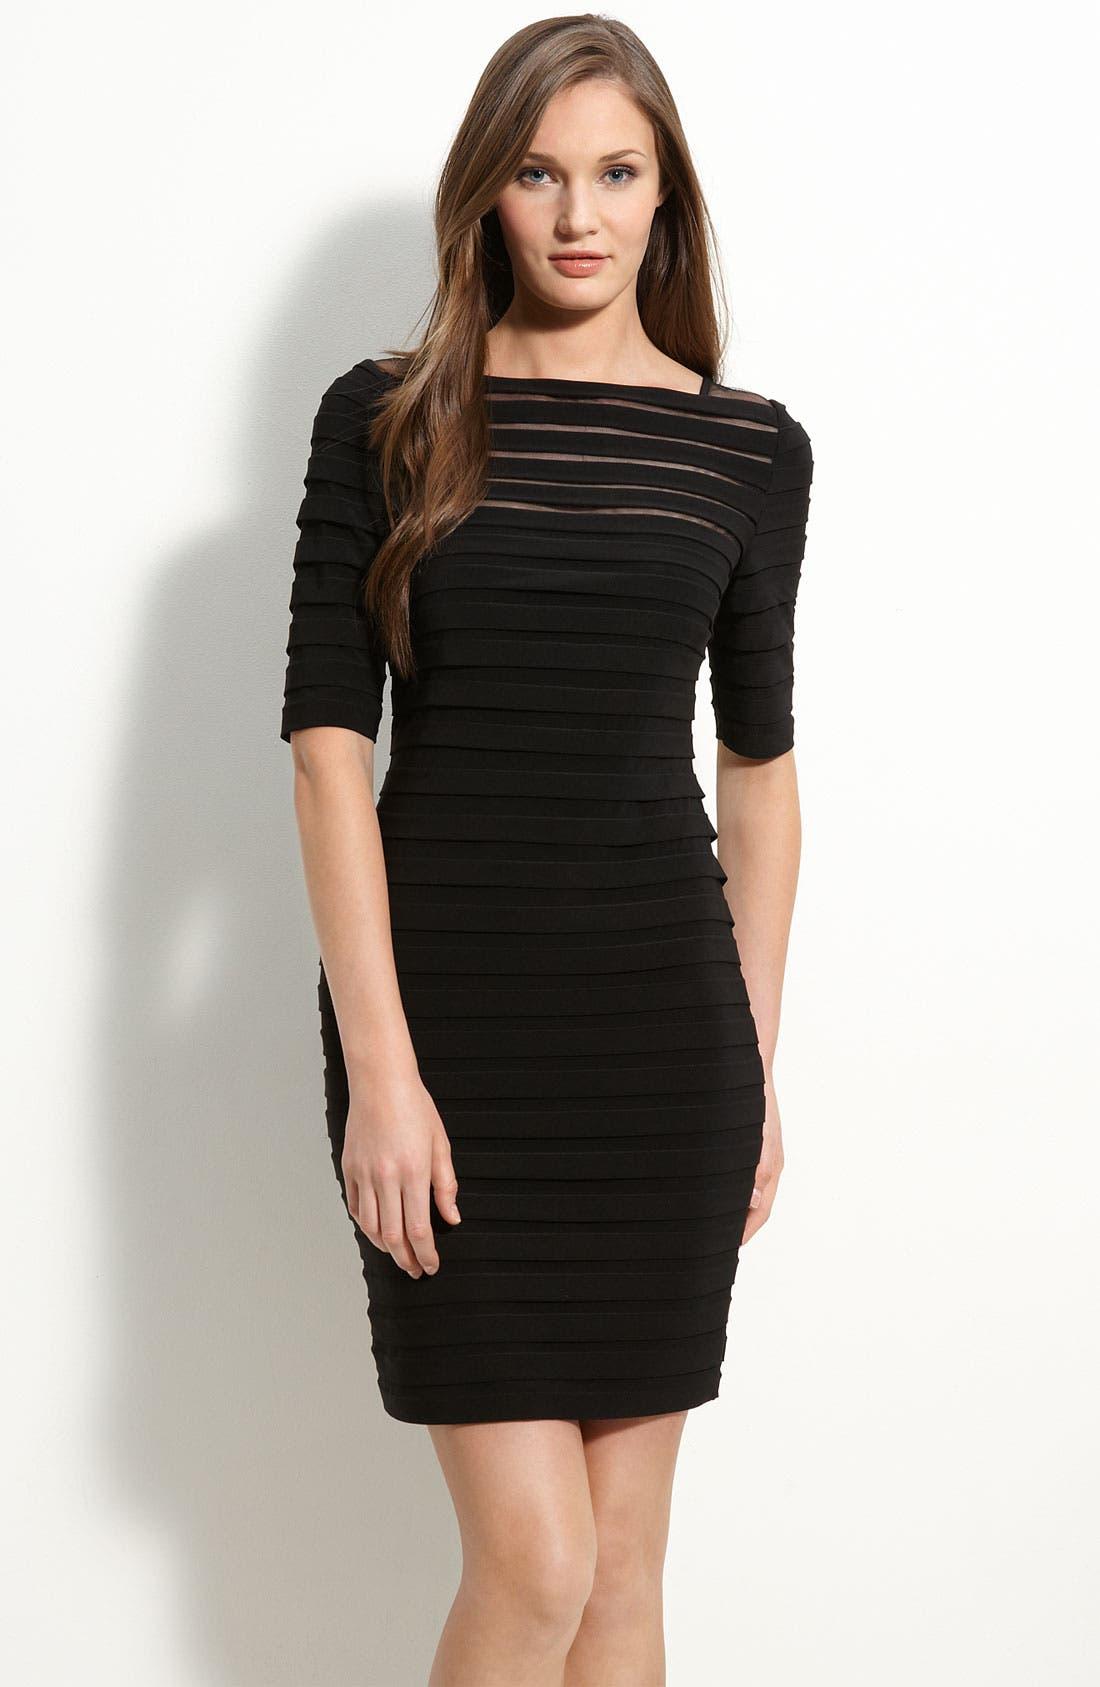 Alternate Image 1 Selected - Adrianna Papell Pleated Illusion Sheath Dress (Regular & Petite)